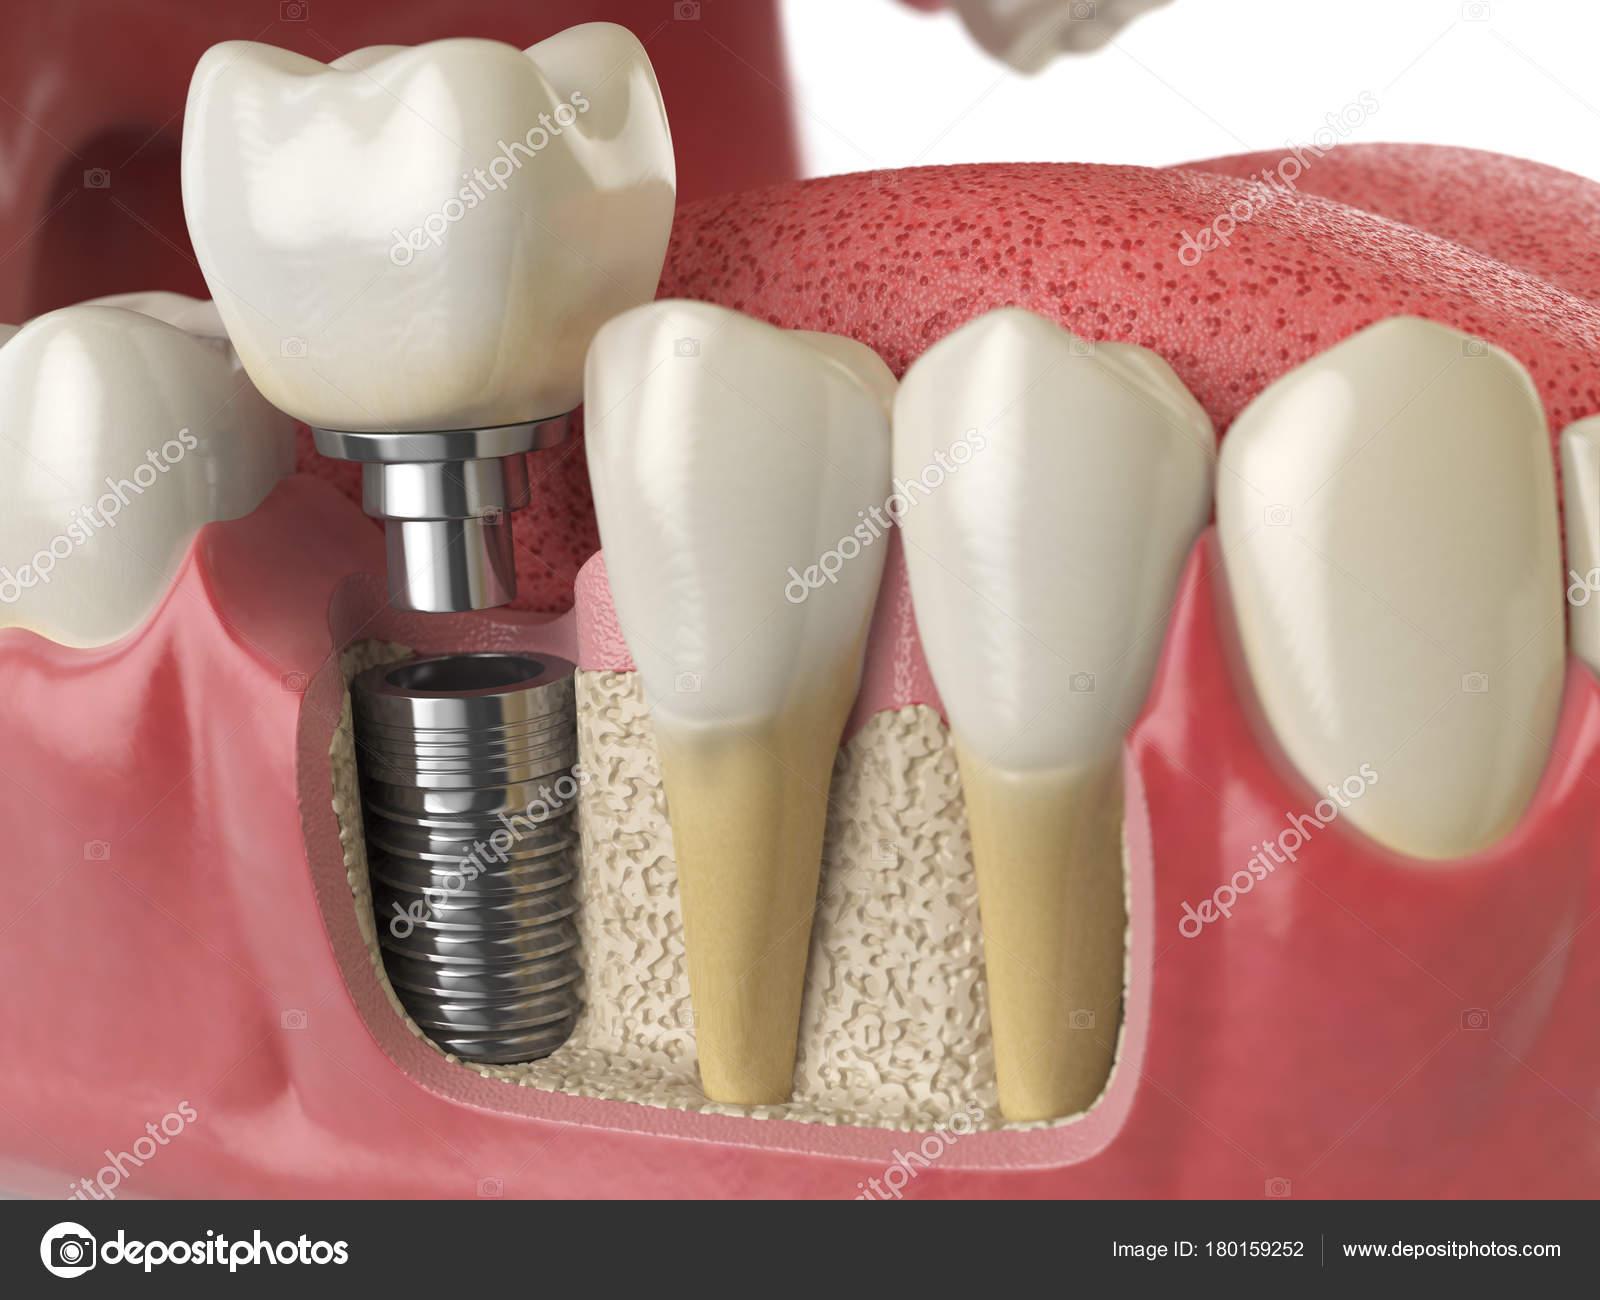 Anatomía de los dientes sanos y dientes implantes dentales en humano ...